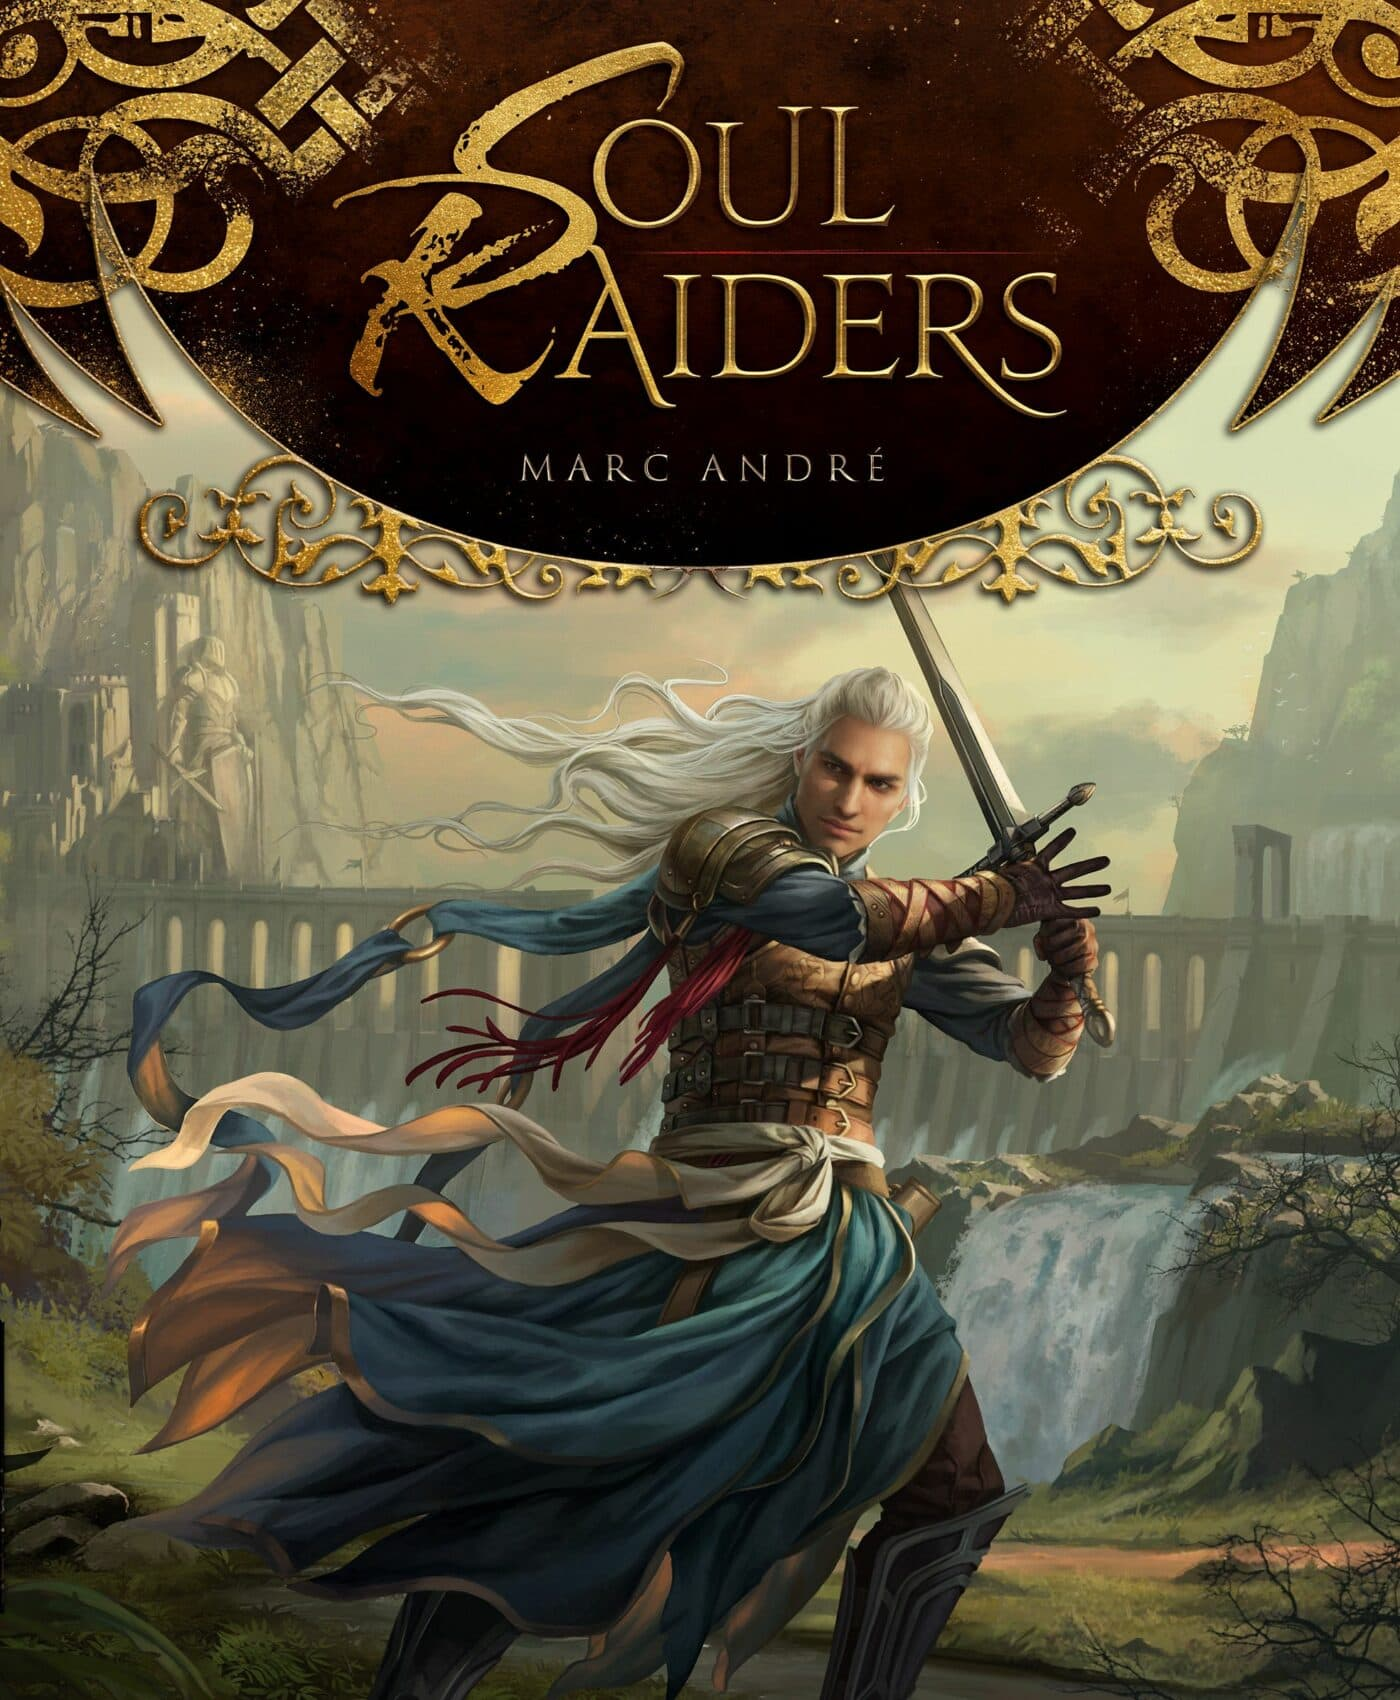 Soul Raiders jeu